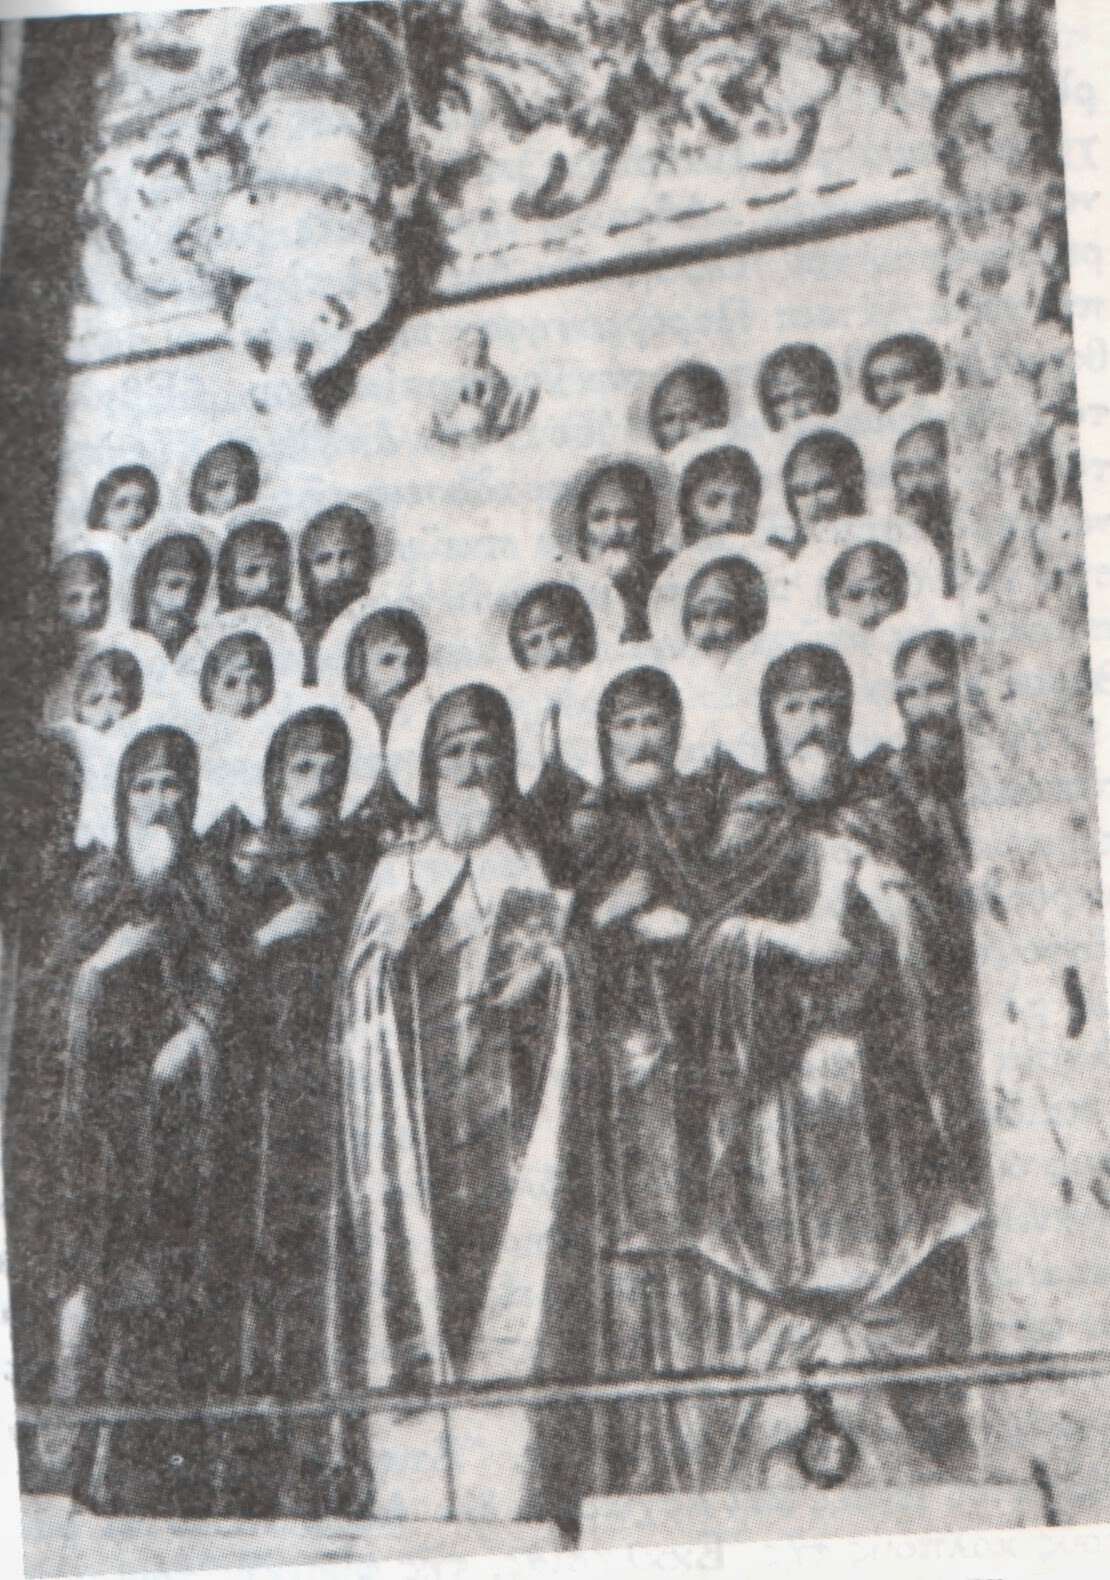 26 Aγιορείτες μάρτυρες ανθενωτικοί μοναχοί της Ιεράς Μονής Ζωγράφου - κατεκάησαν ζωντανοί στον πύργο της Μονής την 10η Οκτωβρίου 1276, υπό  των λατινοφρόνων Μιχαήλ Η΄ Παλαιολόγου και Ιωάννη Βέκκου,